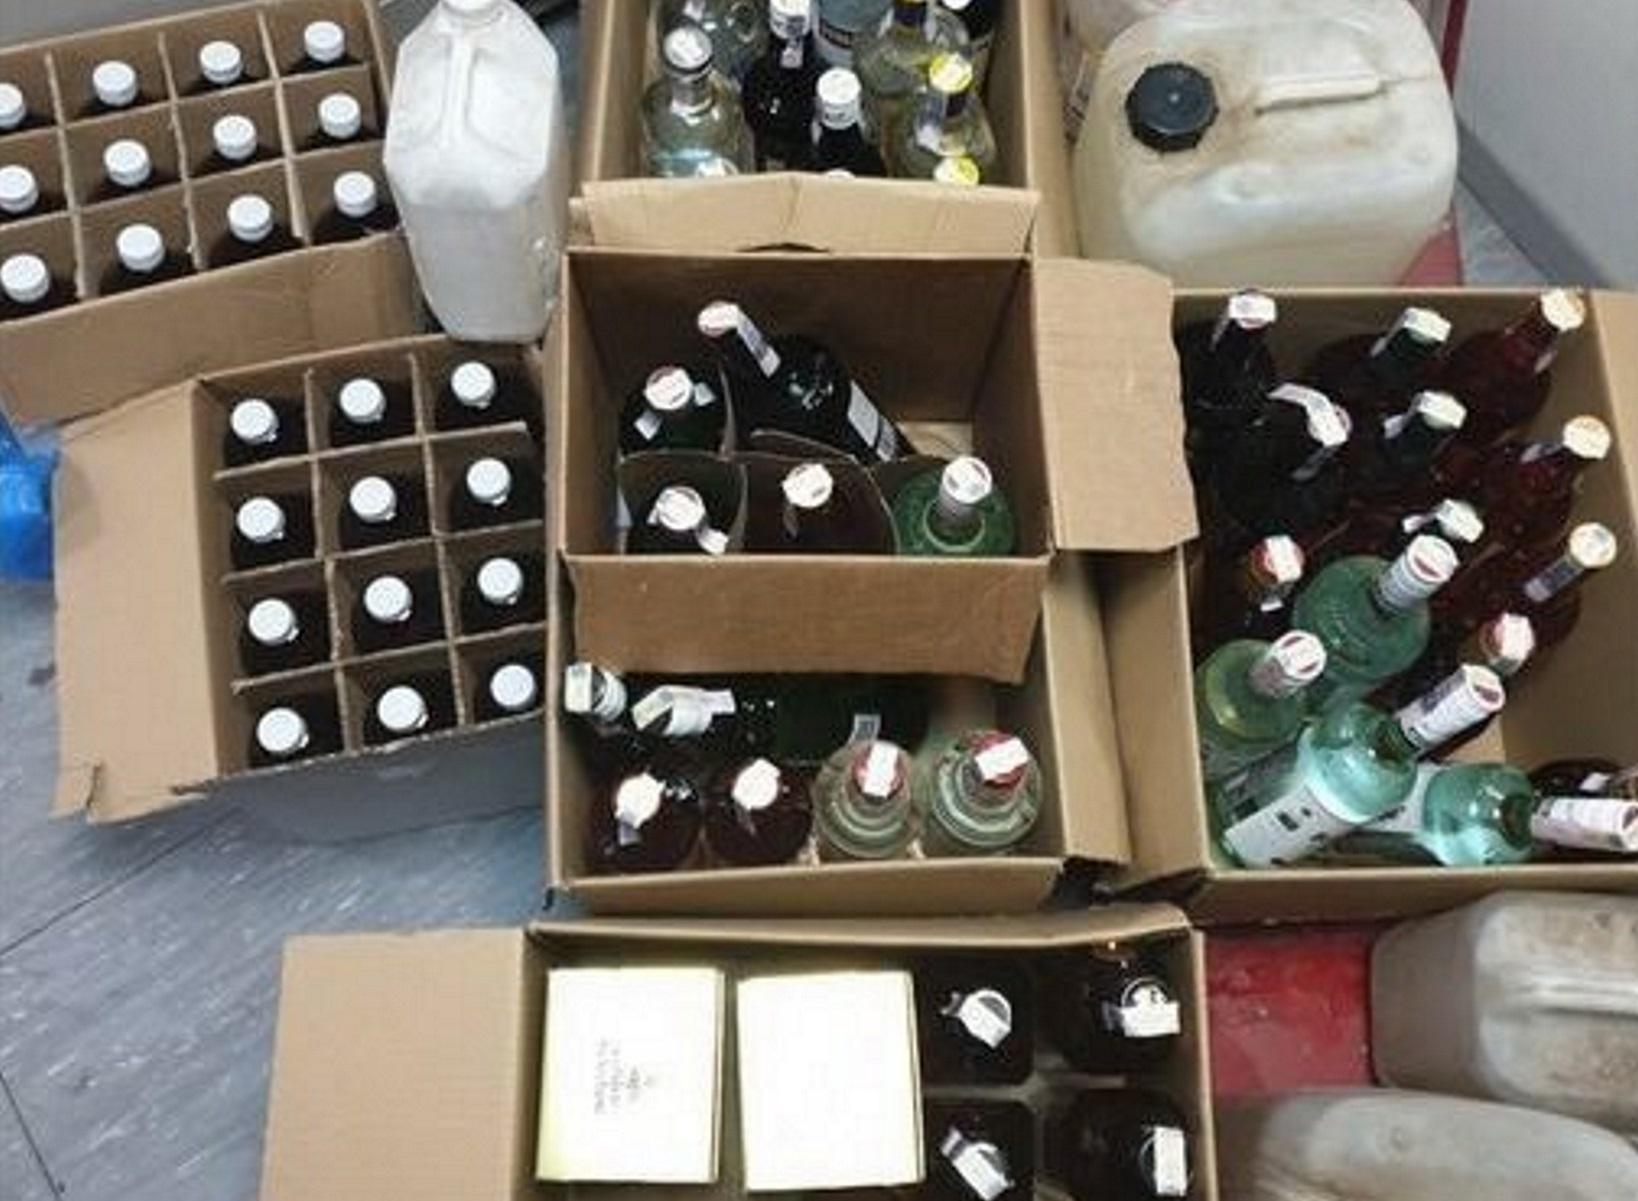 Θεσσαλονίκη: Έφερναν από τη Βουλγαρία και πωλούσαν λαθραία αλκοολούχα ποτά